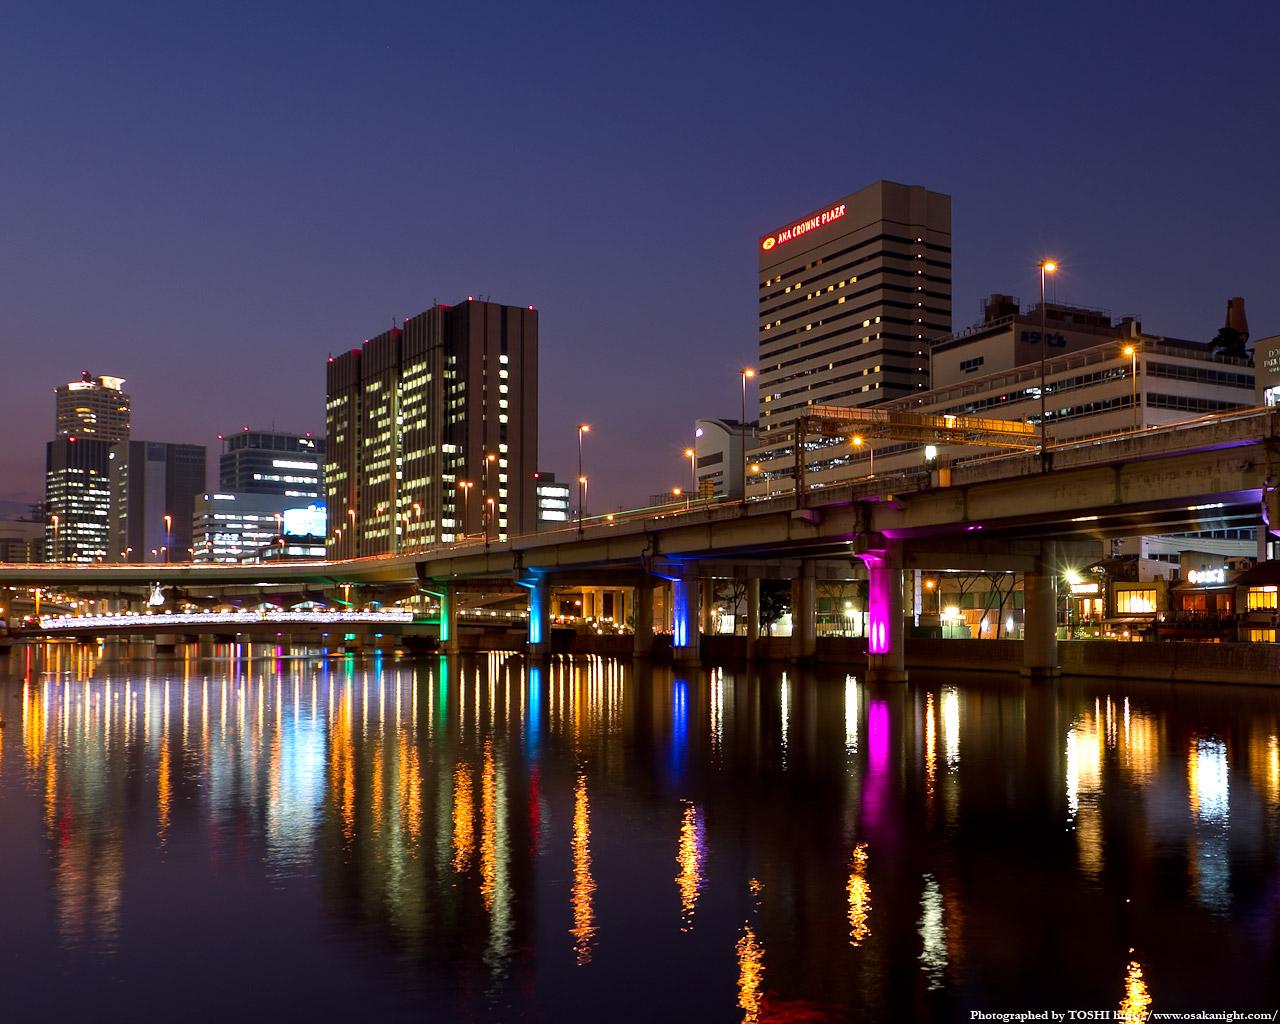 堂島川光の回廊ライトアップ